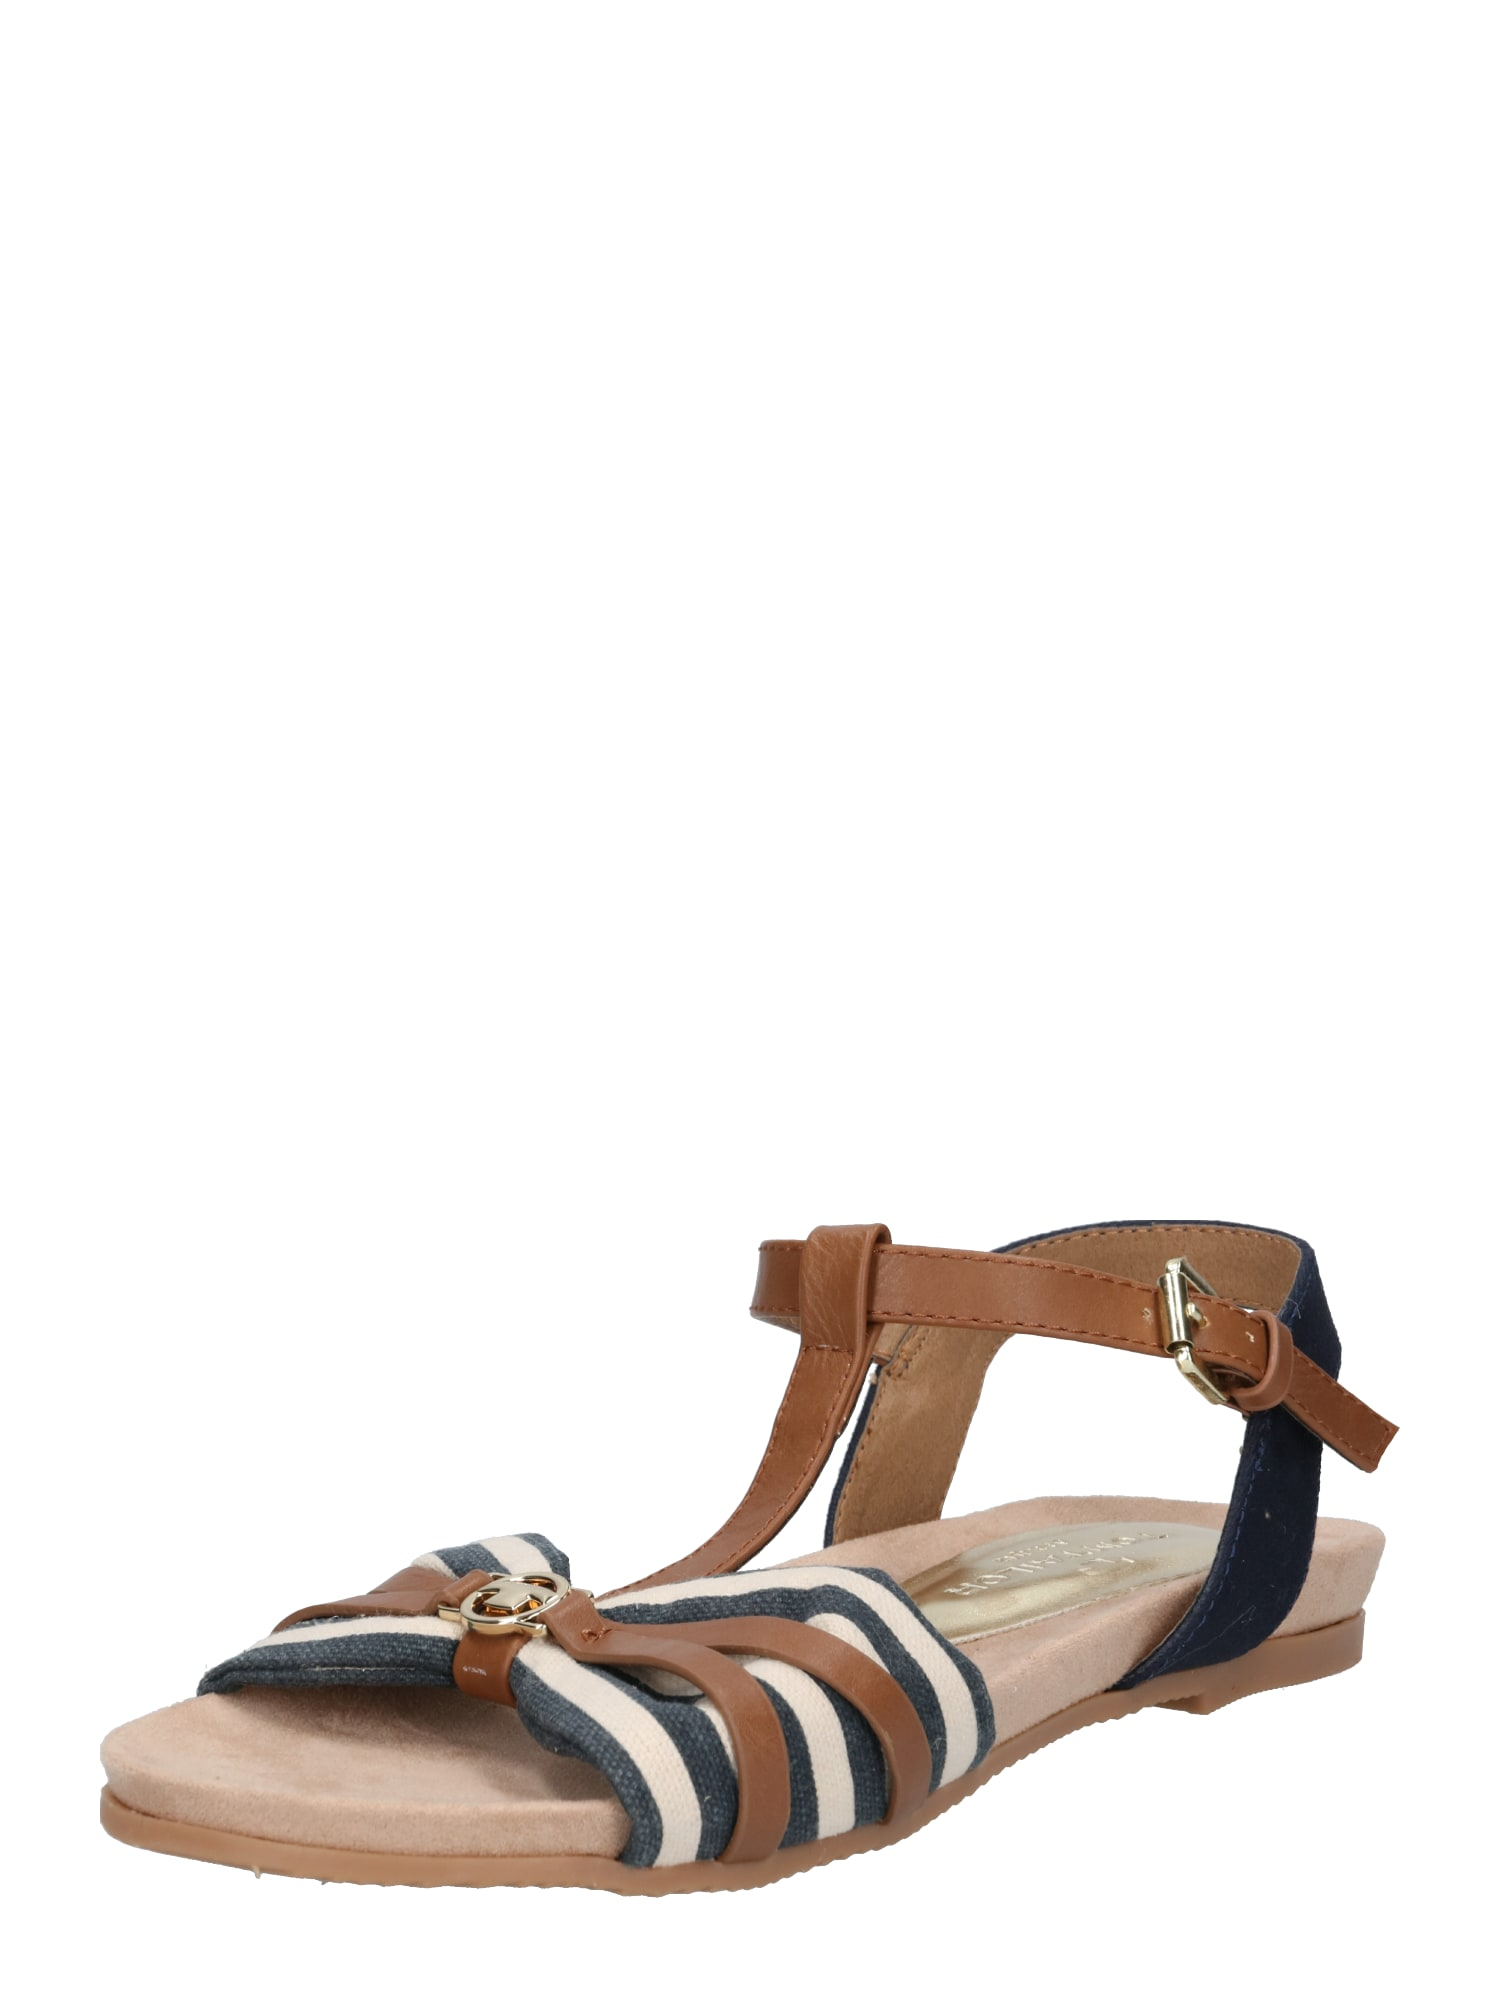 Páskové sandály námořnická modř hnědá bílá TOM TAILOR